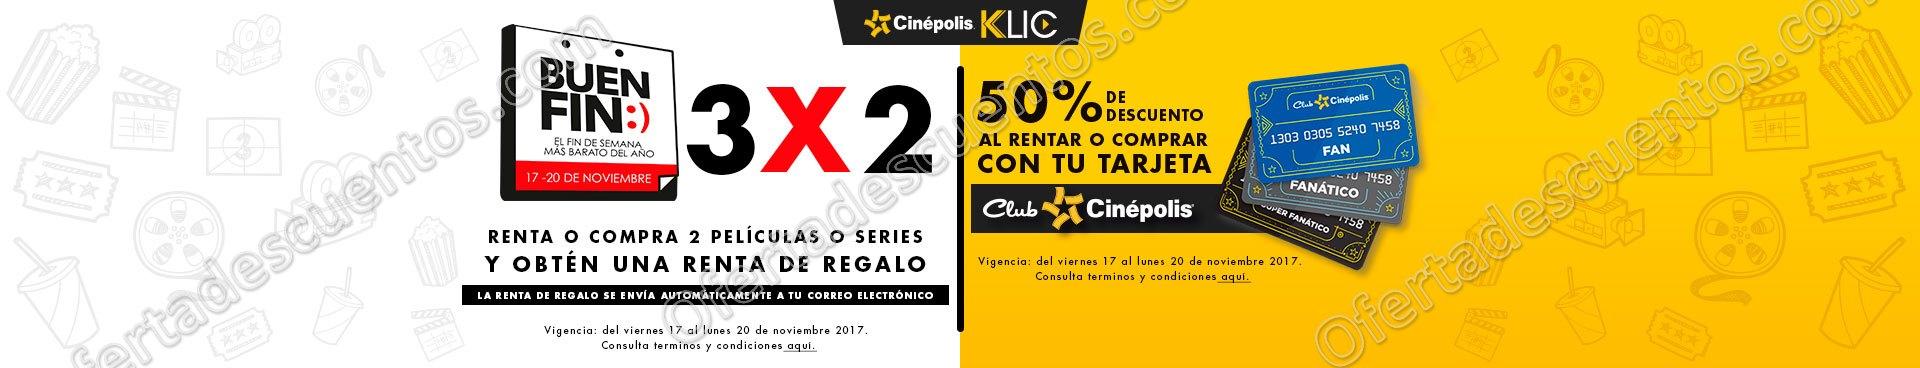 Promoción Buen Fin 2017 Cinépolis Klic: 3×2 en Rentas o Compra de Películas o Series